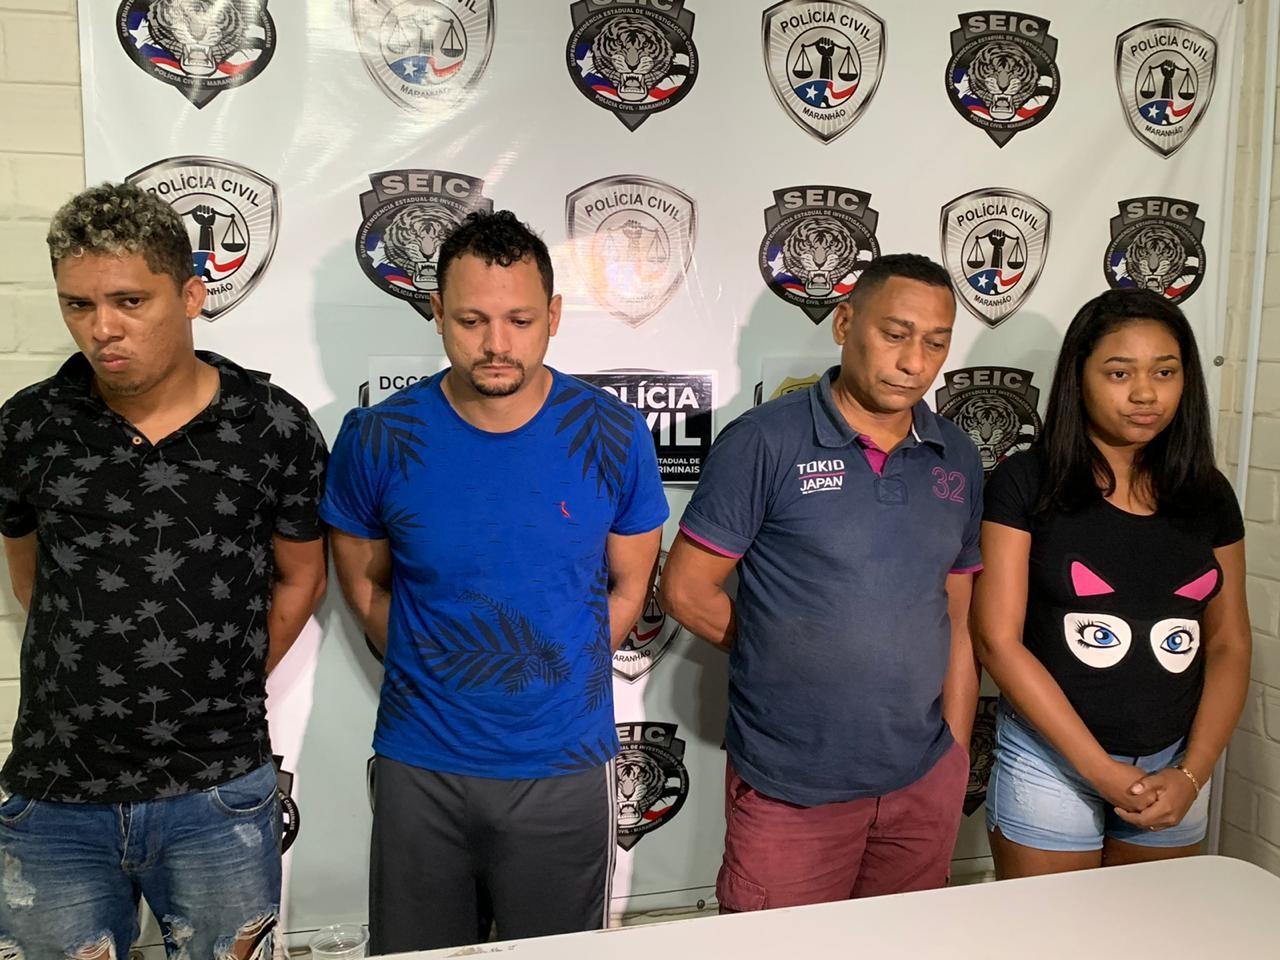 Polícia apreende drogas e prende oito pessoas durante operação no MA - Notícias - Plantão Diário